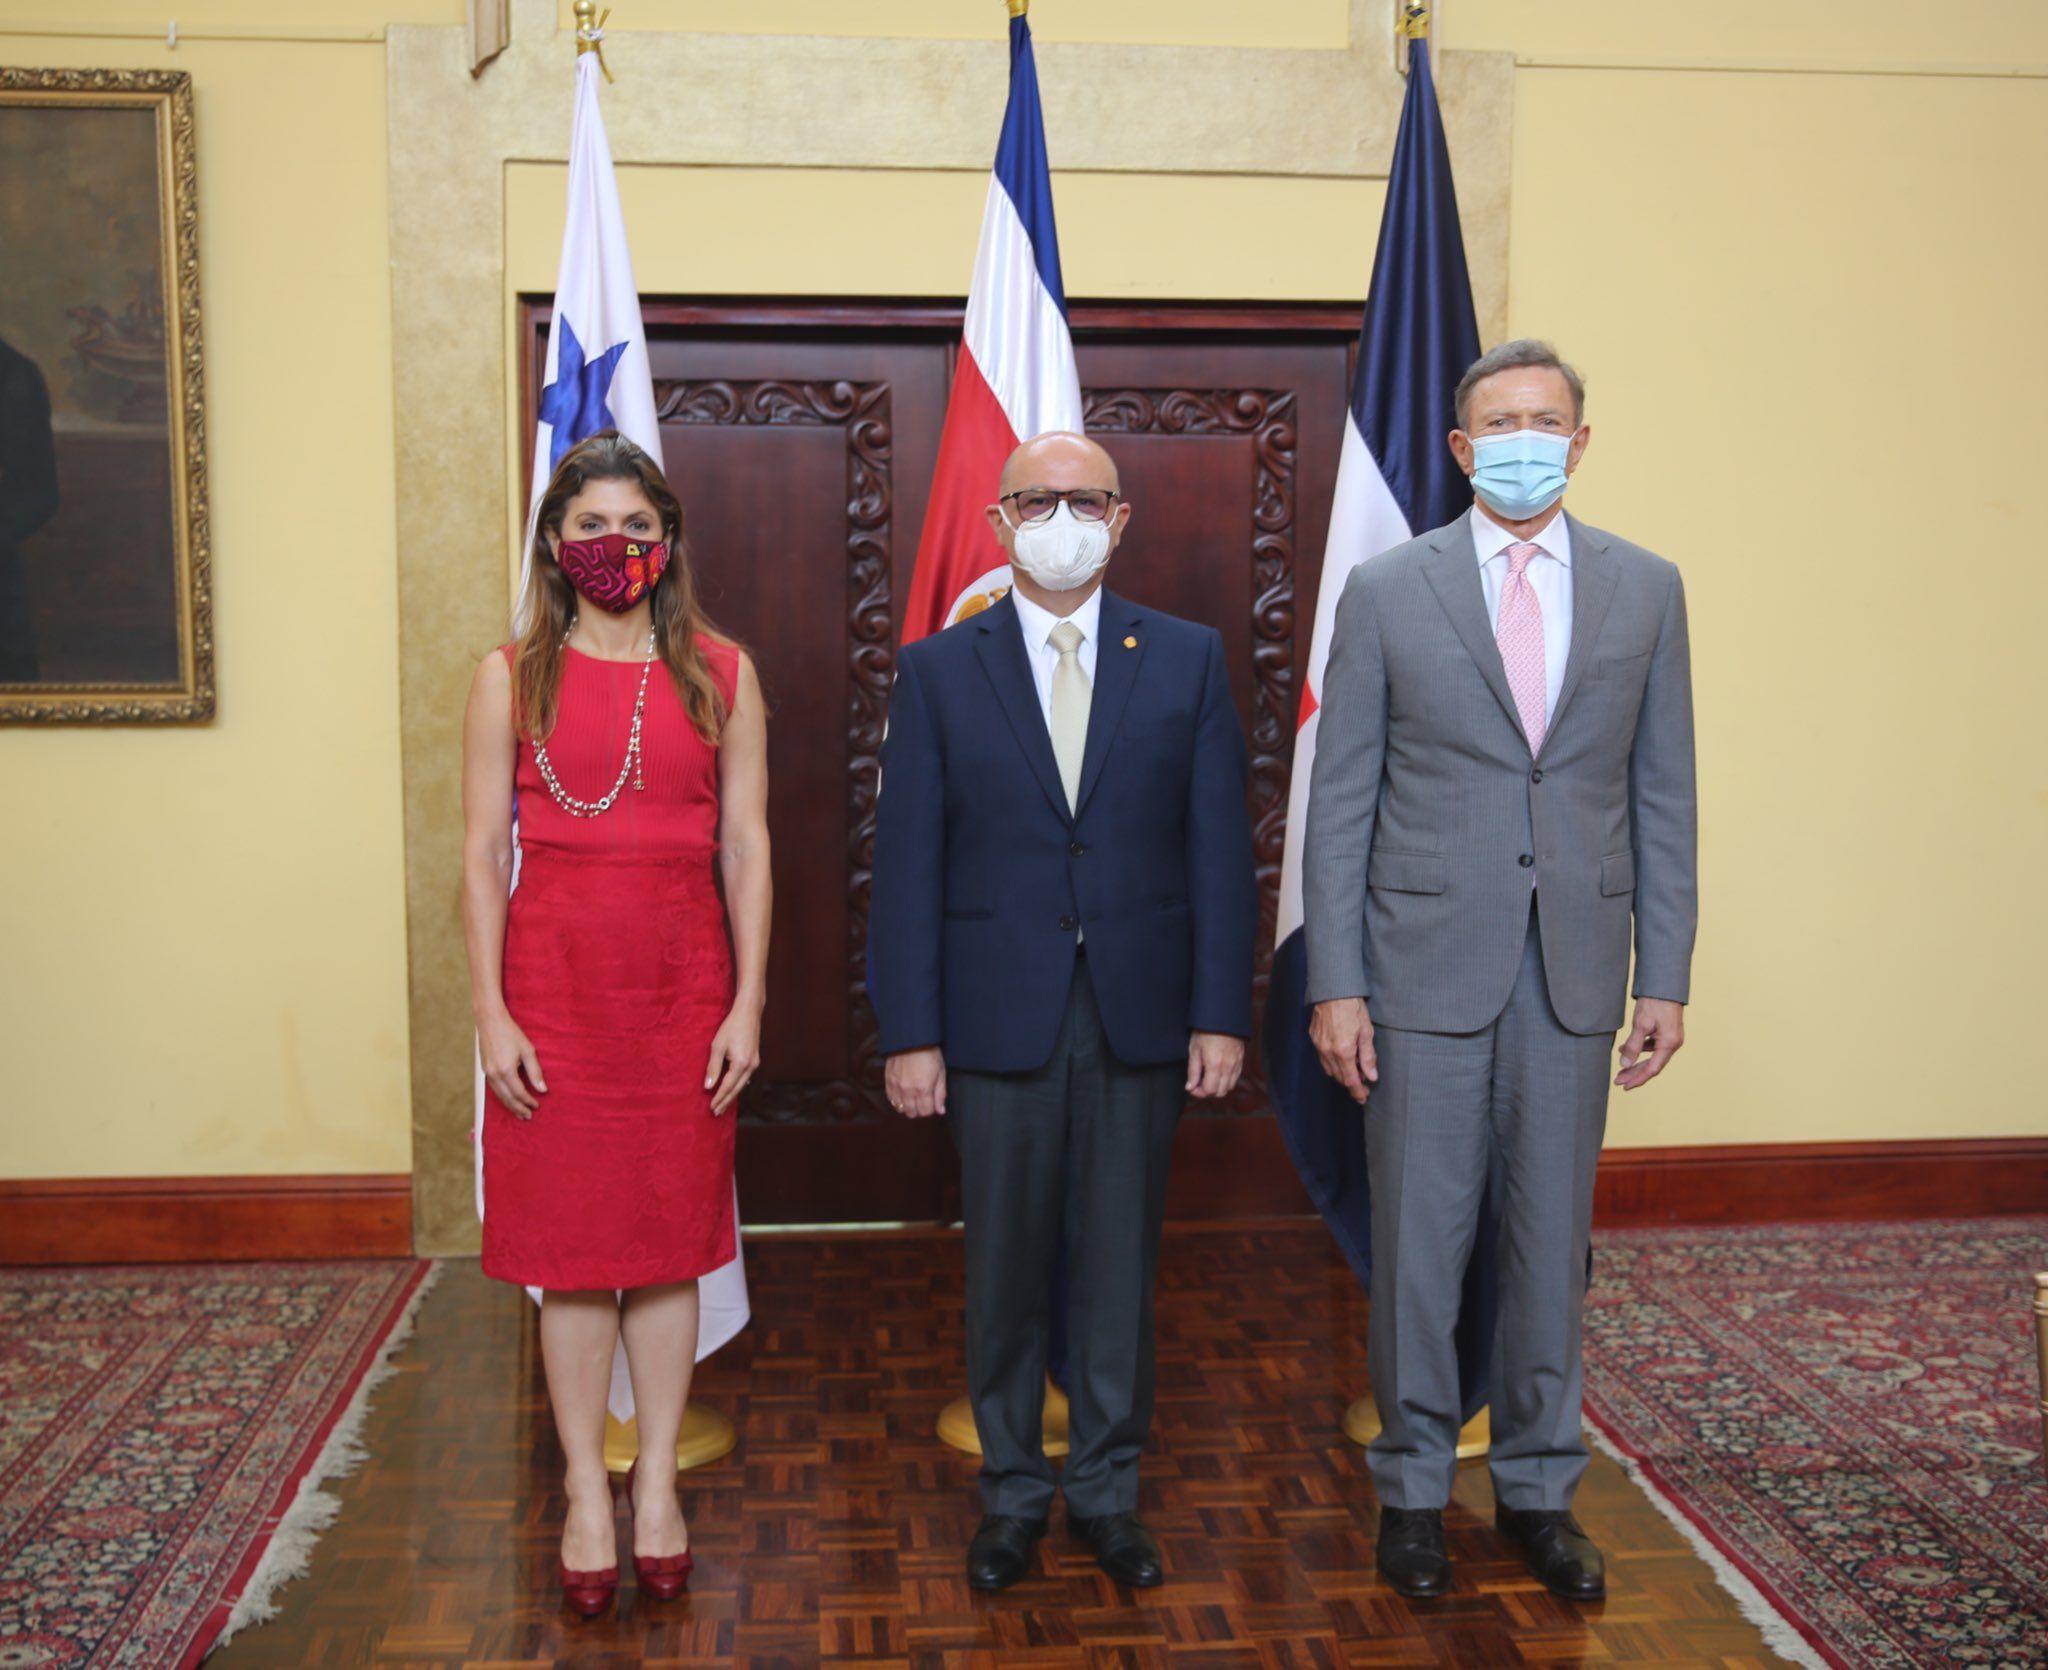 La Canciller @ErikaMouynes se reúne hoy con sus homólogos de República Dominicana y Costa Rica, países con los que busca forjar la alianza estratégica del Triángulo Caribeño.